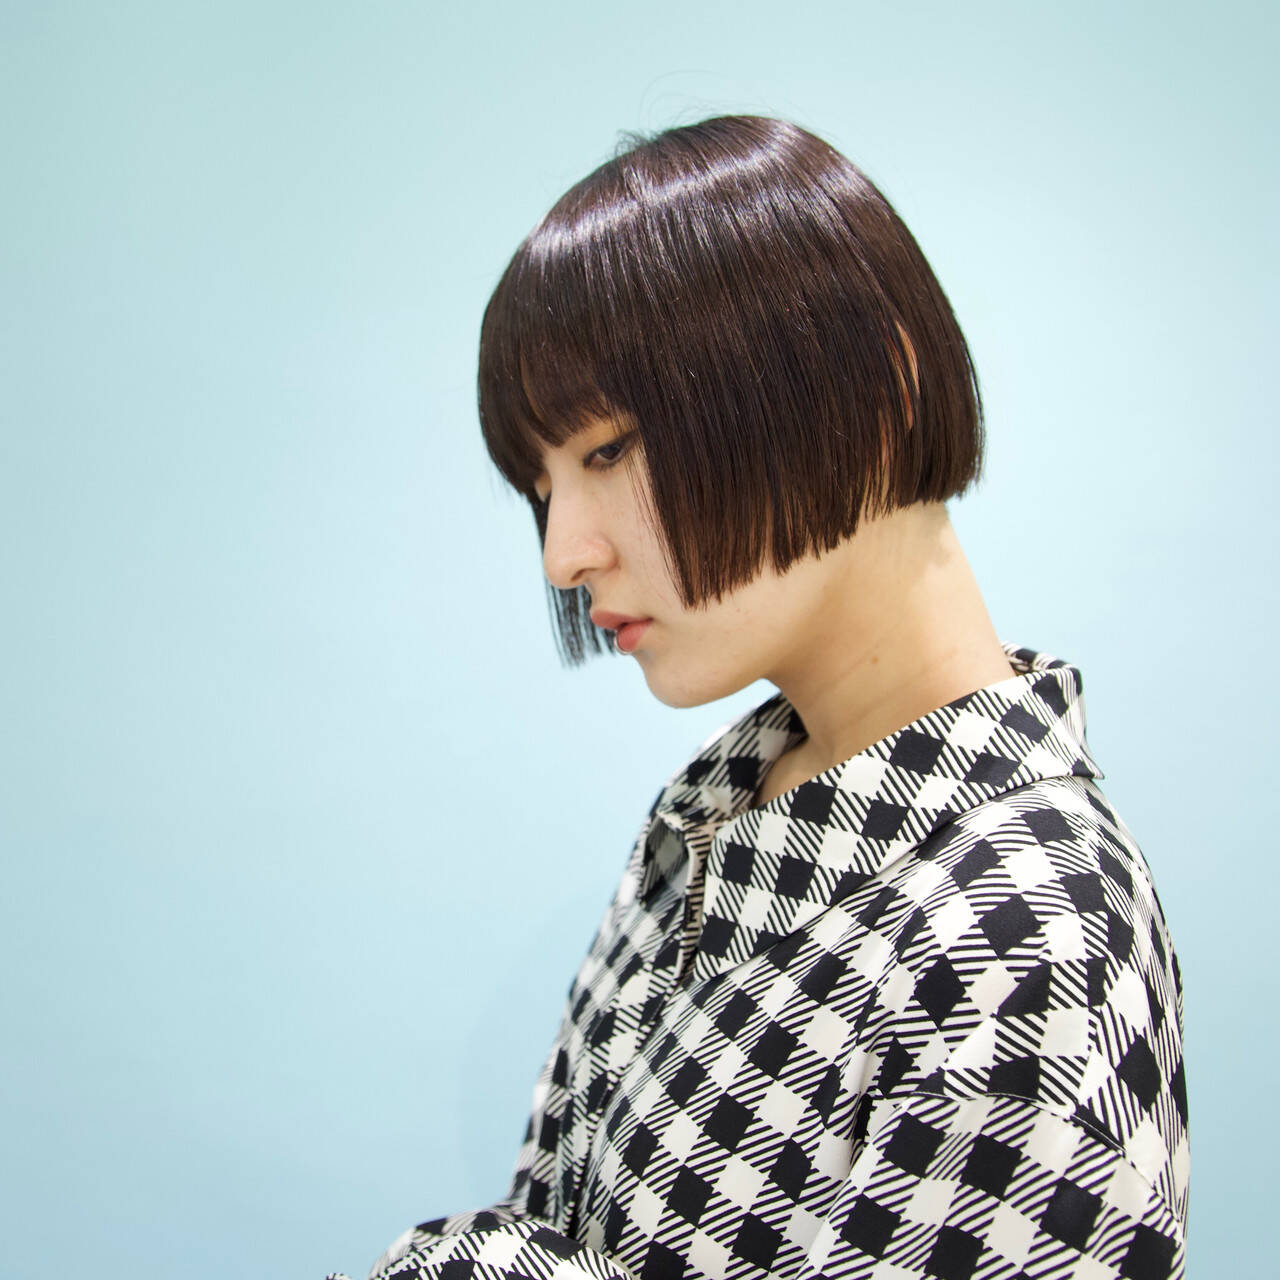 黒髪 ボブ ストレート 切りっぱなしボブヘアスタイルや髪型の写真・画像